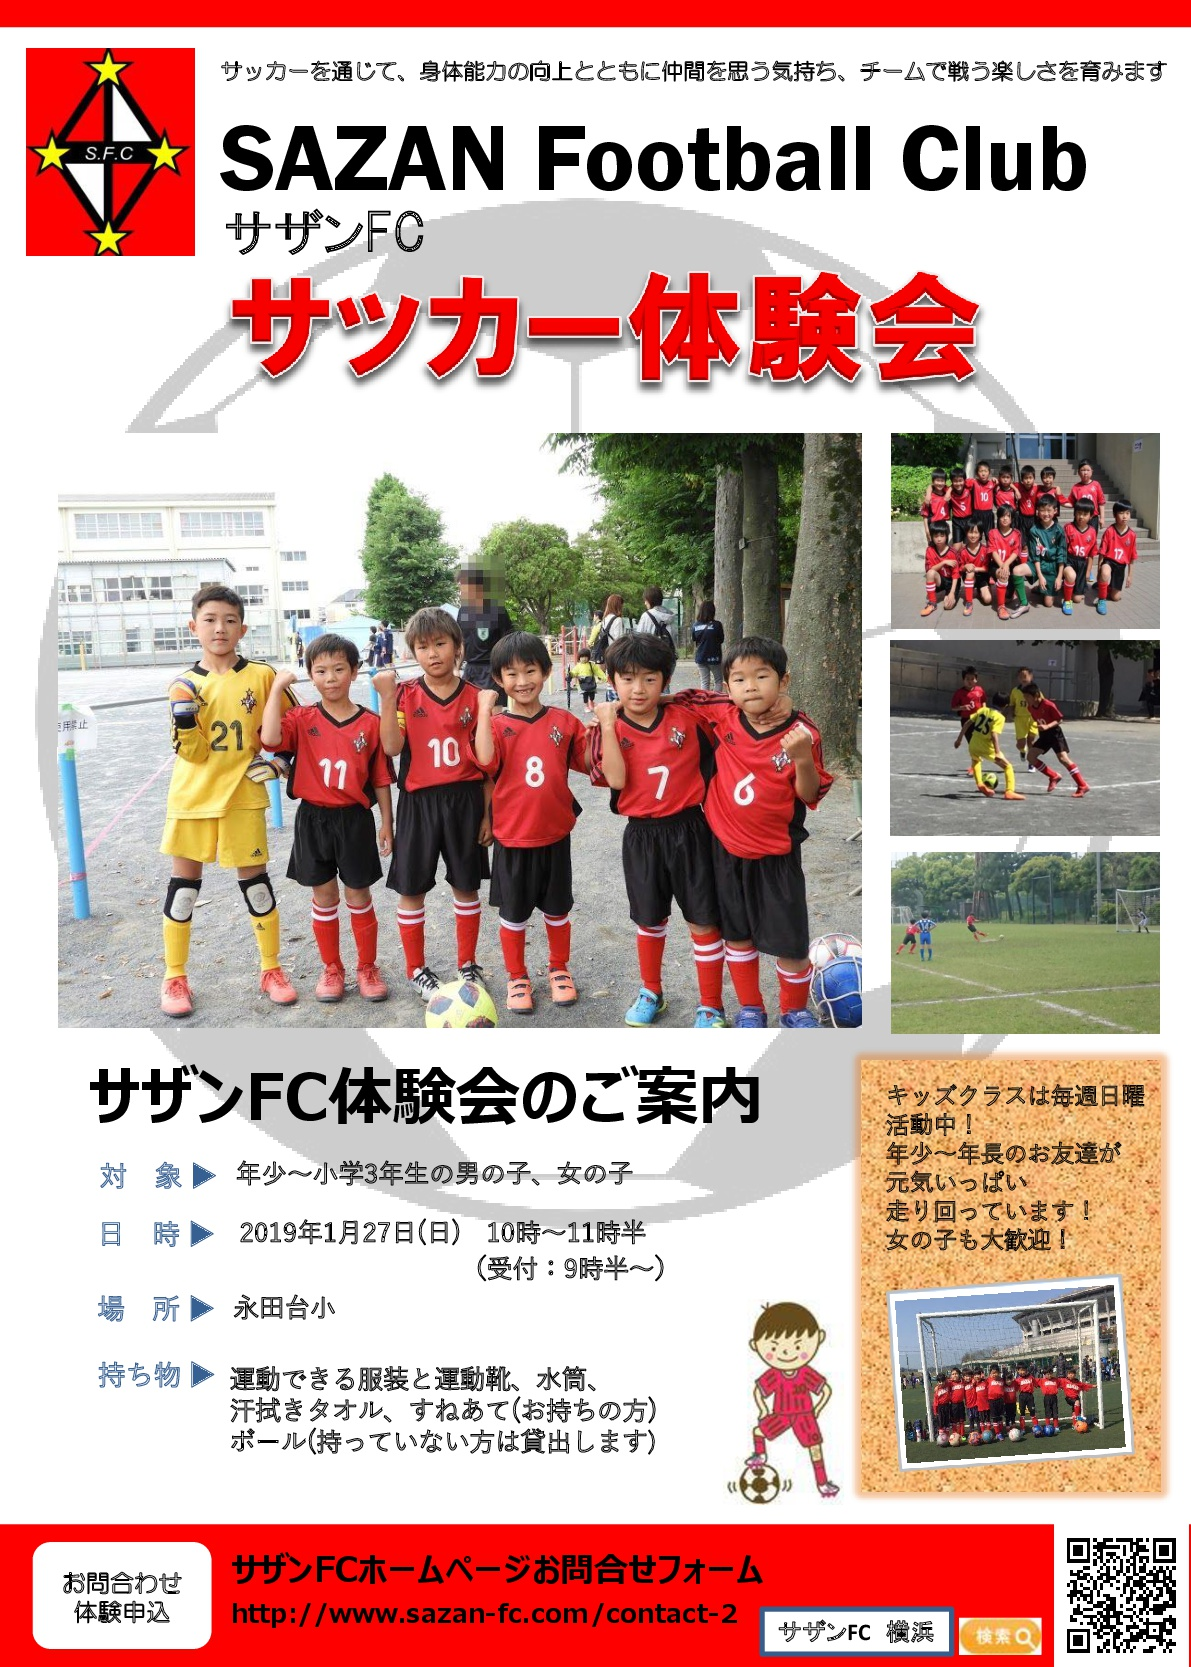 1月27日サッカー体験会 参加者募集中!